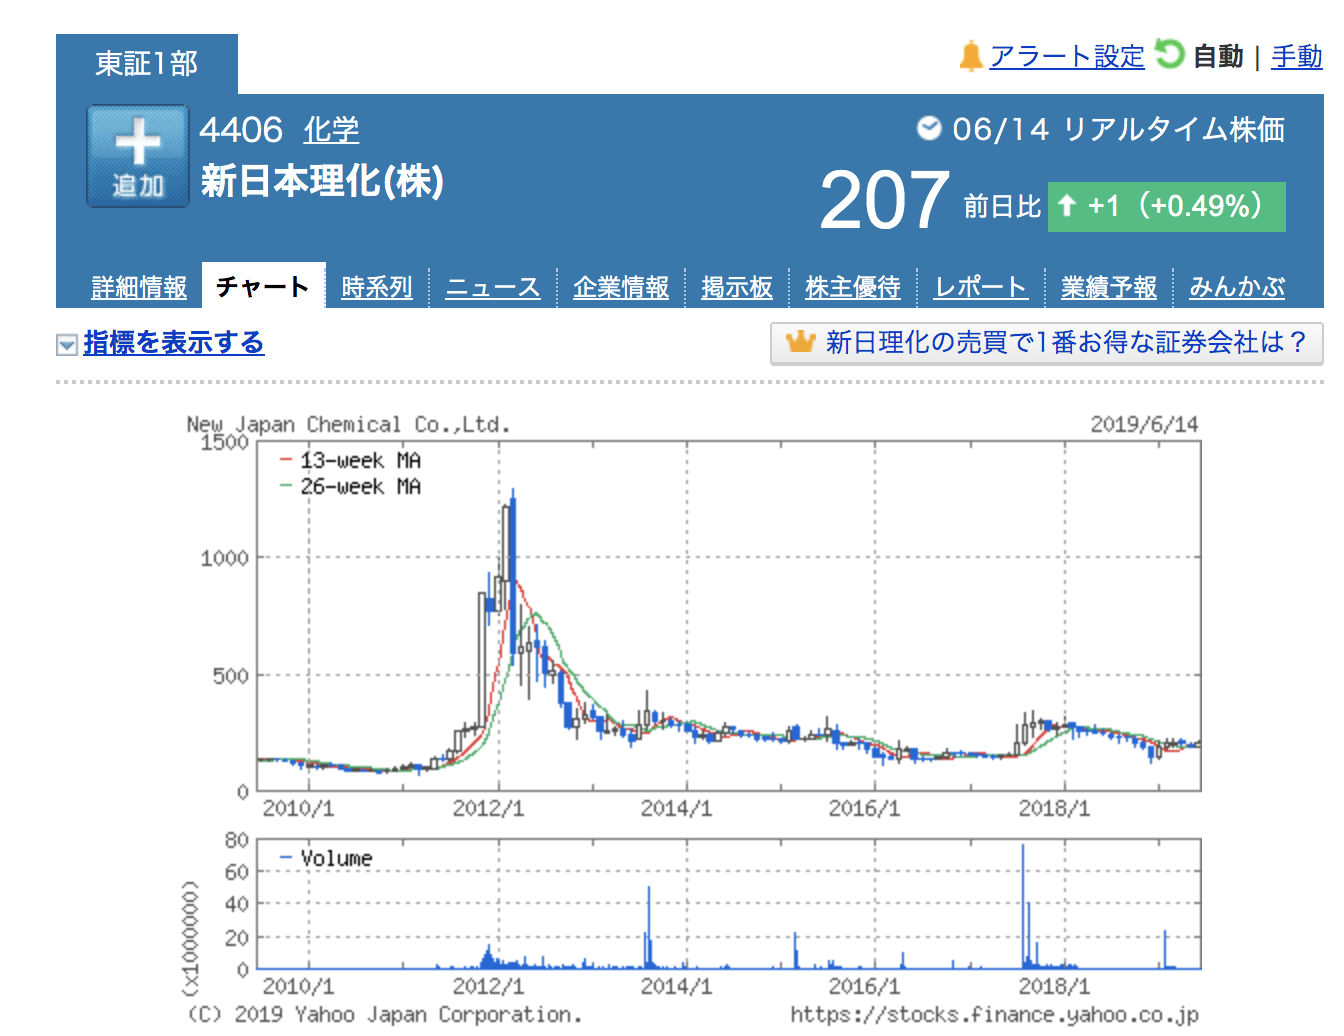 (引用:Yahooファイナンス「新日本理化(4406)」)